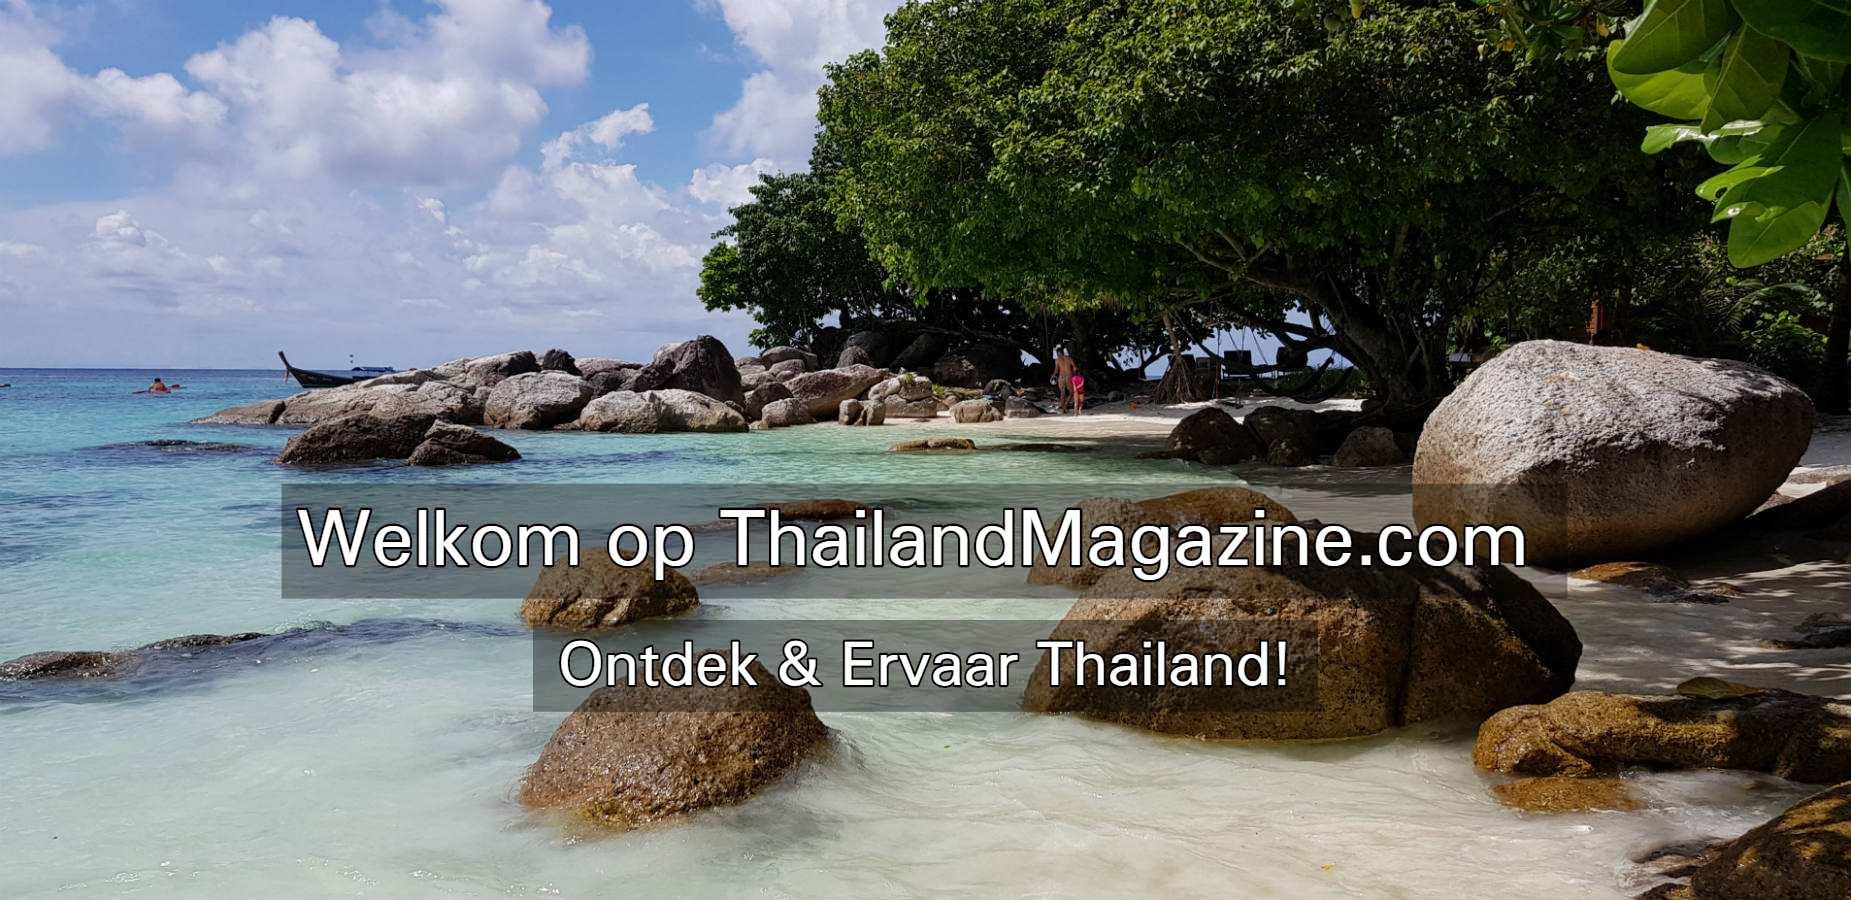 Welkom op ThailandMagazine.com, tropisch wit strand met blauwe zee Thailand